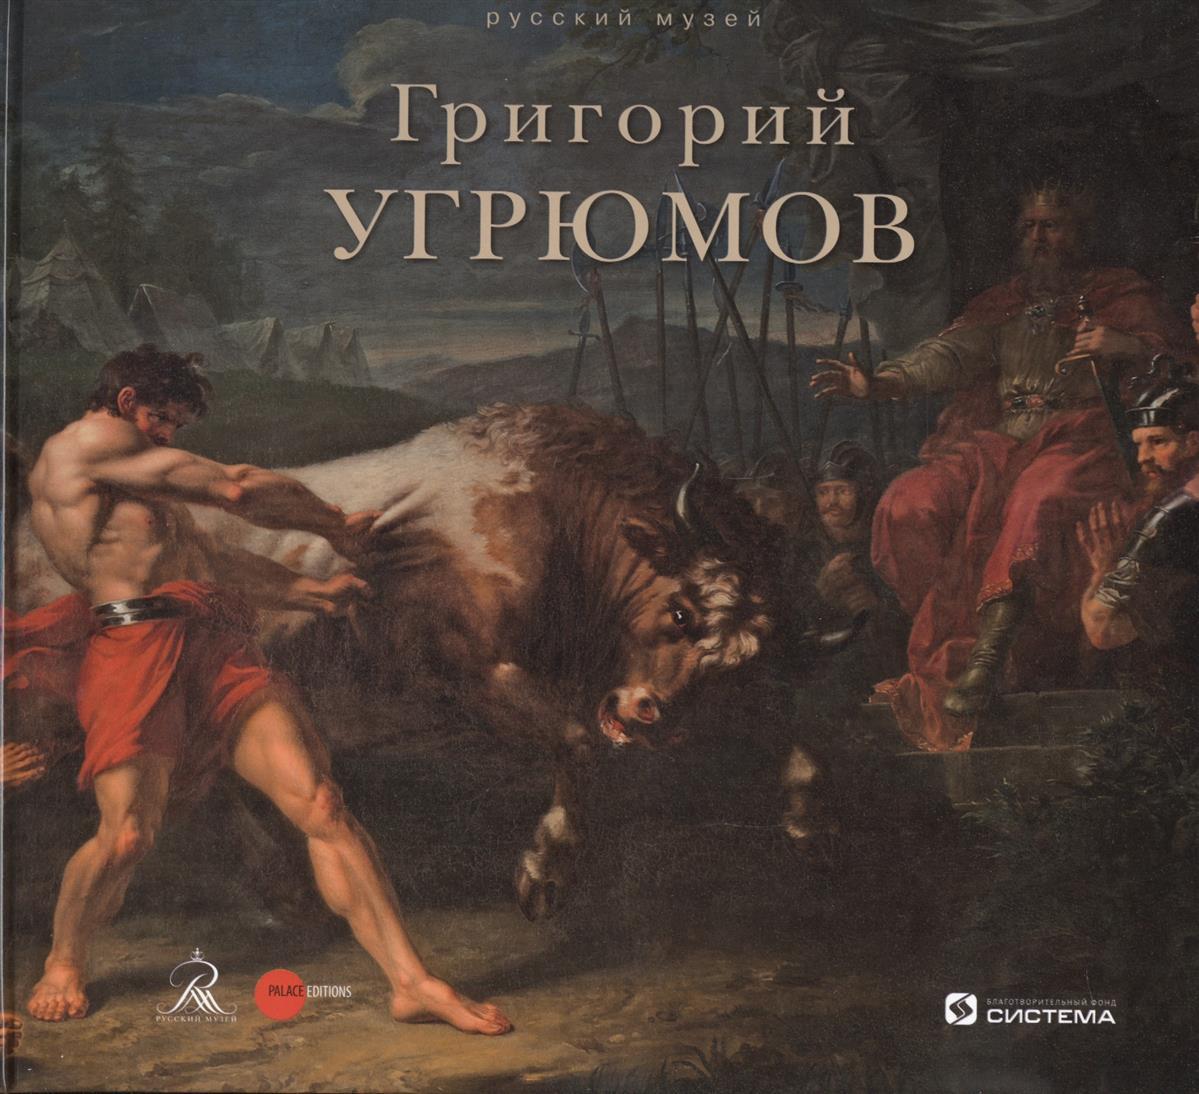 Лакс А. (ред.) Григорий Угрюмов